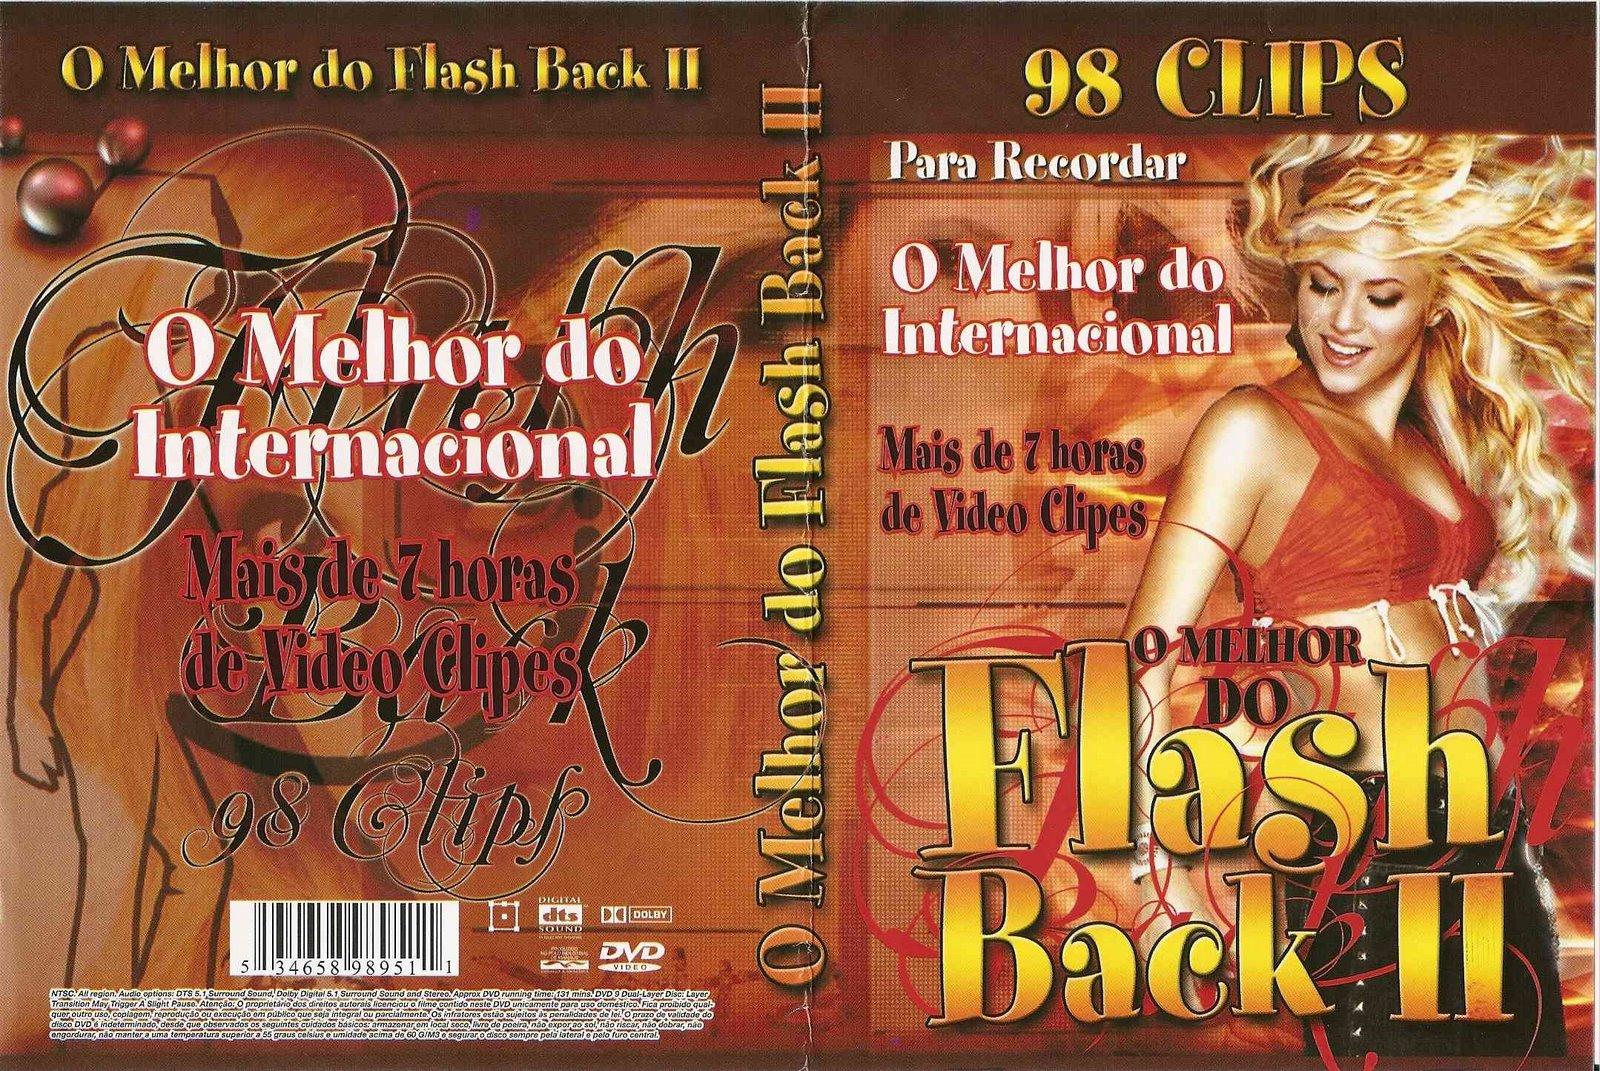 http://1.bp.blogspot.com/_NlKBeuXrvPE/TLnxMGEMgXI/AAAAAAAABLo/DOx30uGXzBo/s1600/O+Melhor+Do+Flash+Back+Internacional+2.jpg